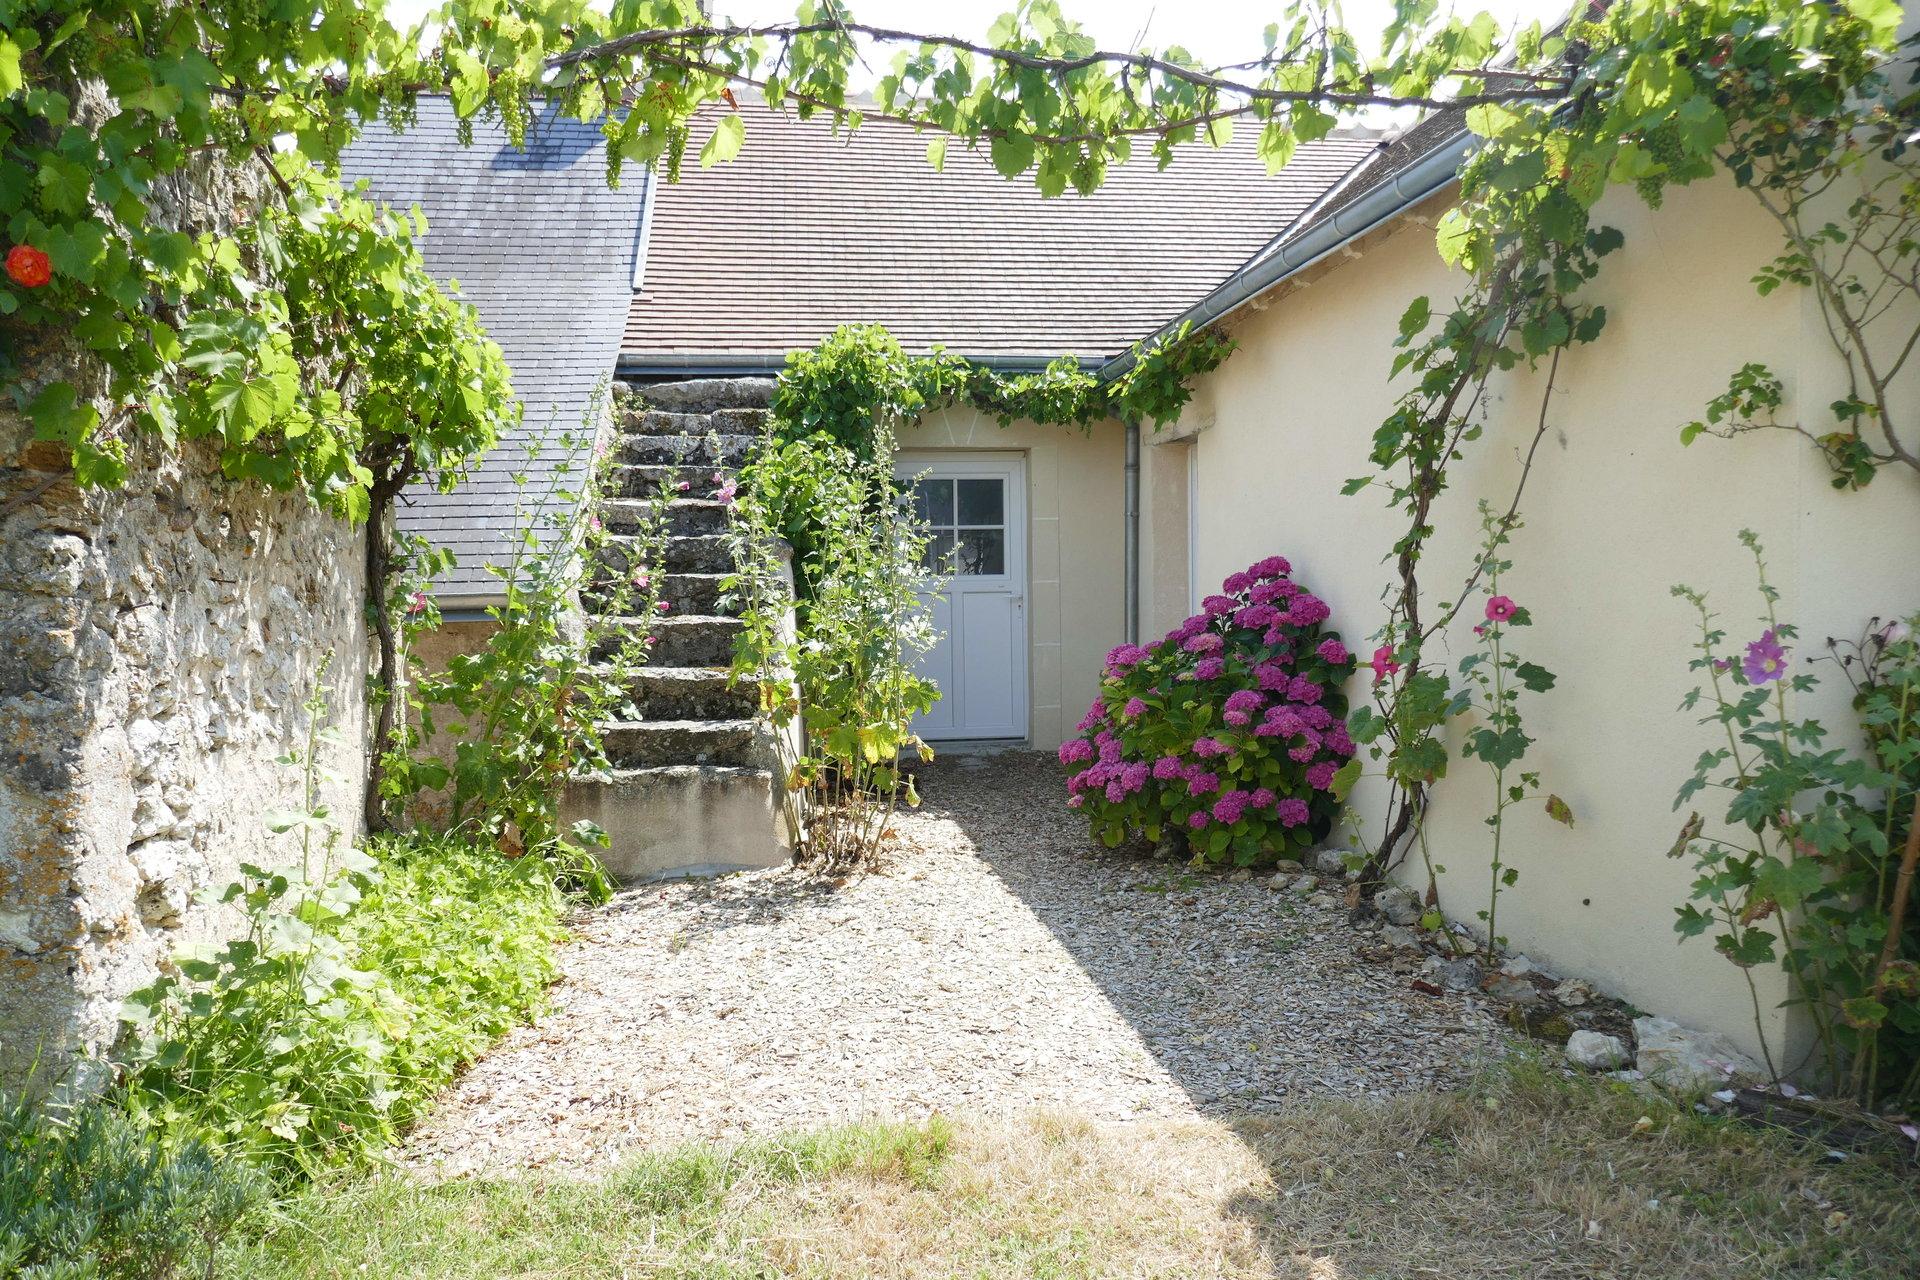 Belle maison restaurée - Channay sur Lathan